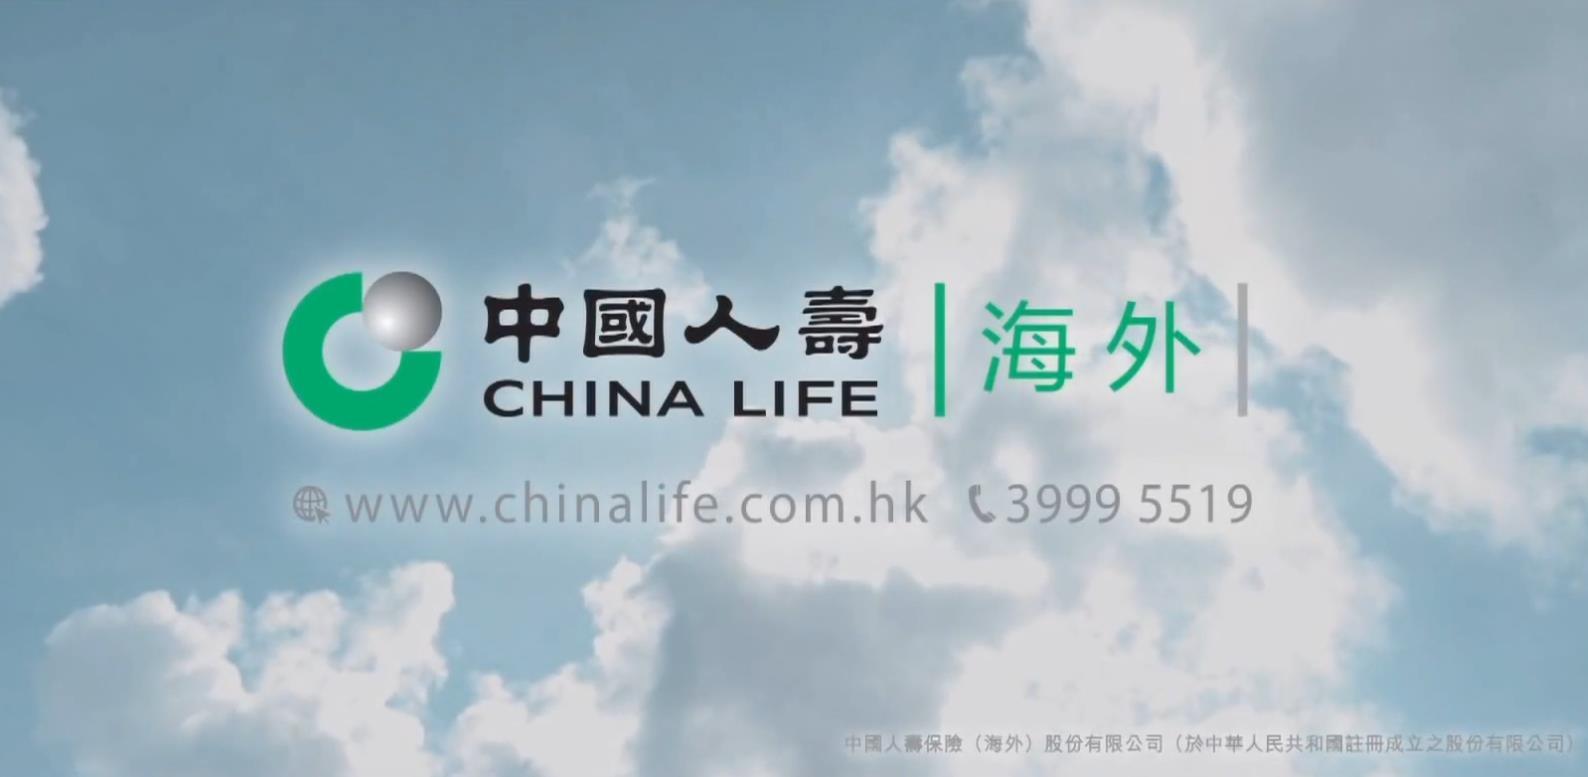 中国人寿 坚守承诺•终身相伴广告